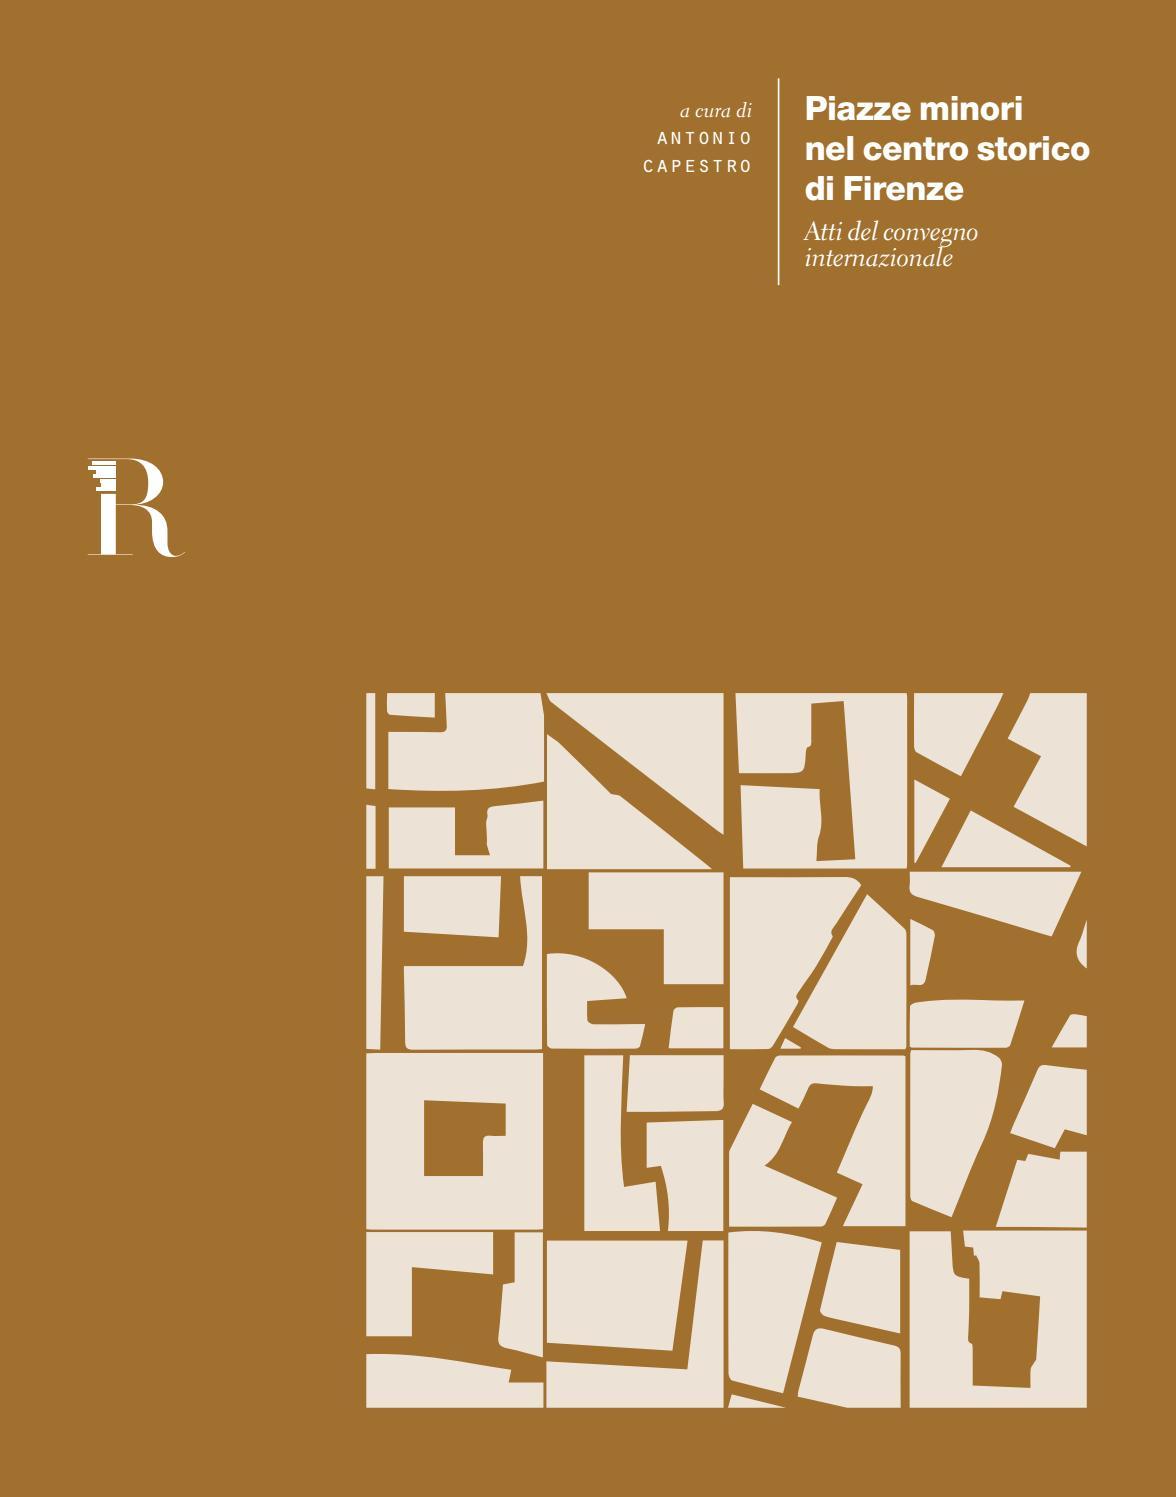 Piazze Minori Nel Centro Storico Di Firenze Antonio Capestro By Dida Issuu